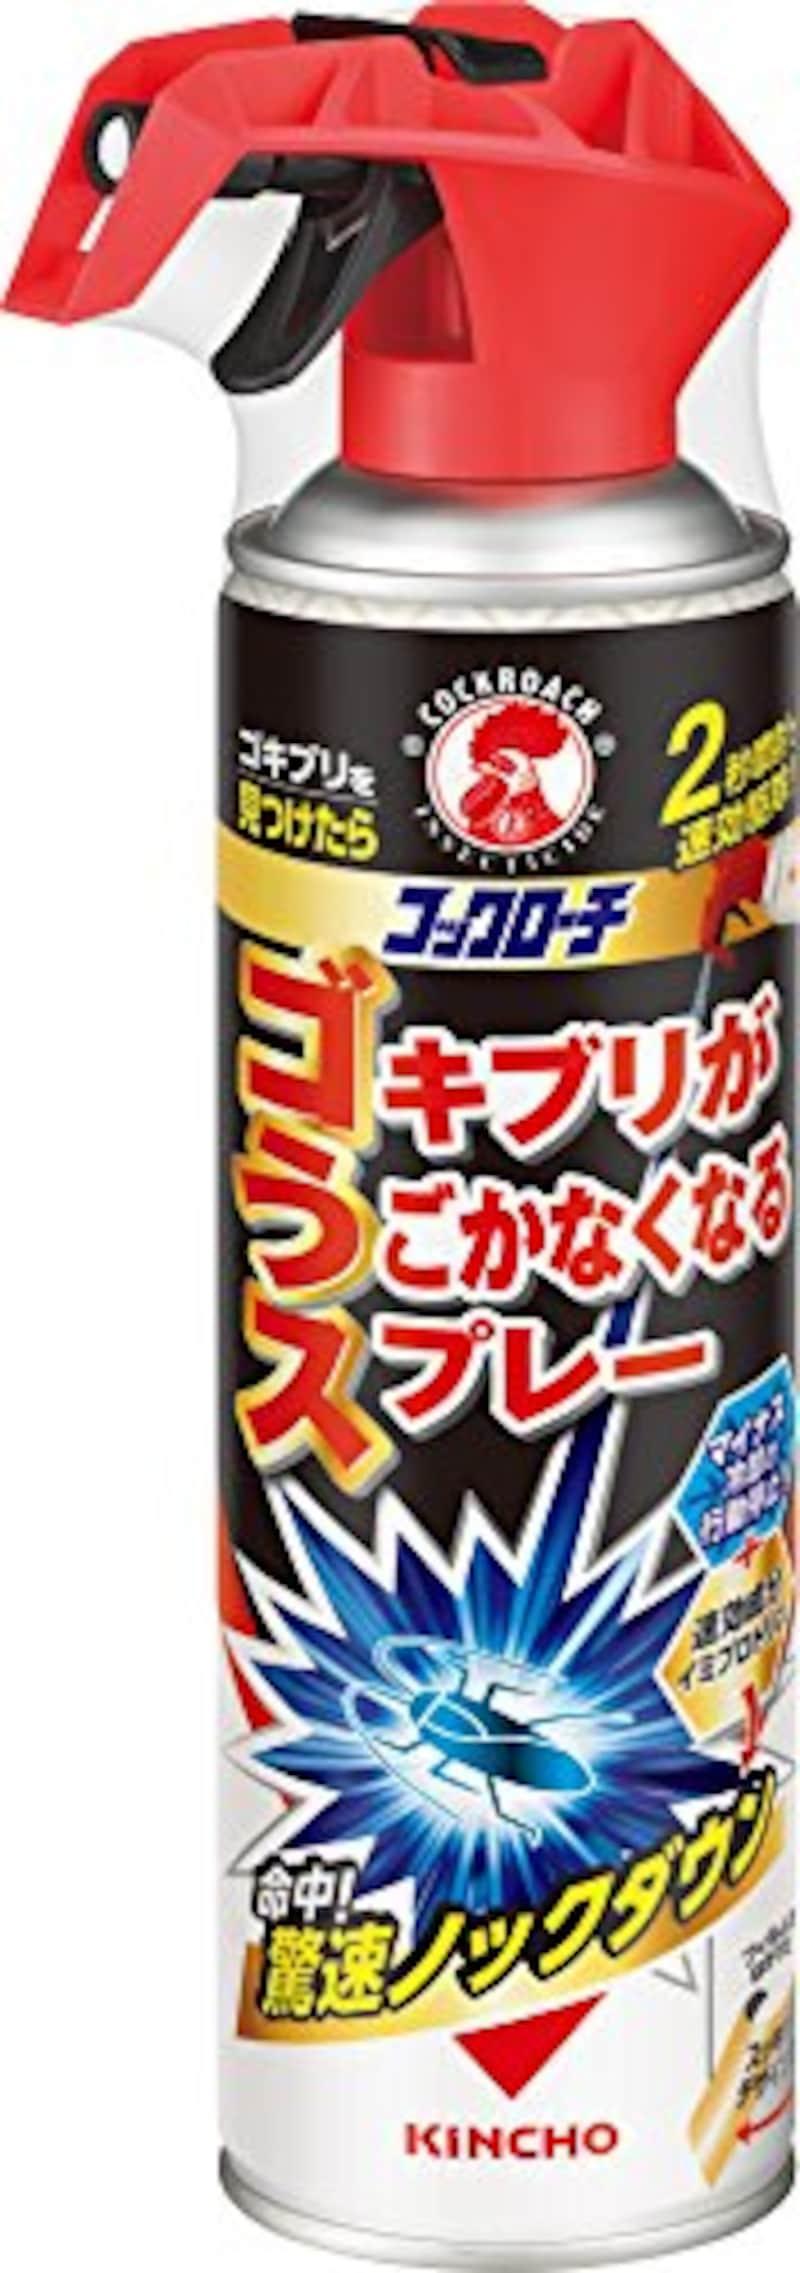 KINCHO(キンチョー),ゴキブリがうごかいなくなるスプレー ゴキブリ駆除剤 300mL